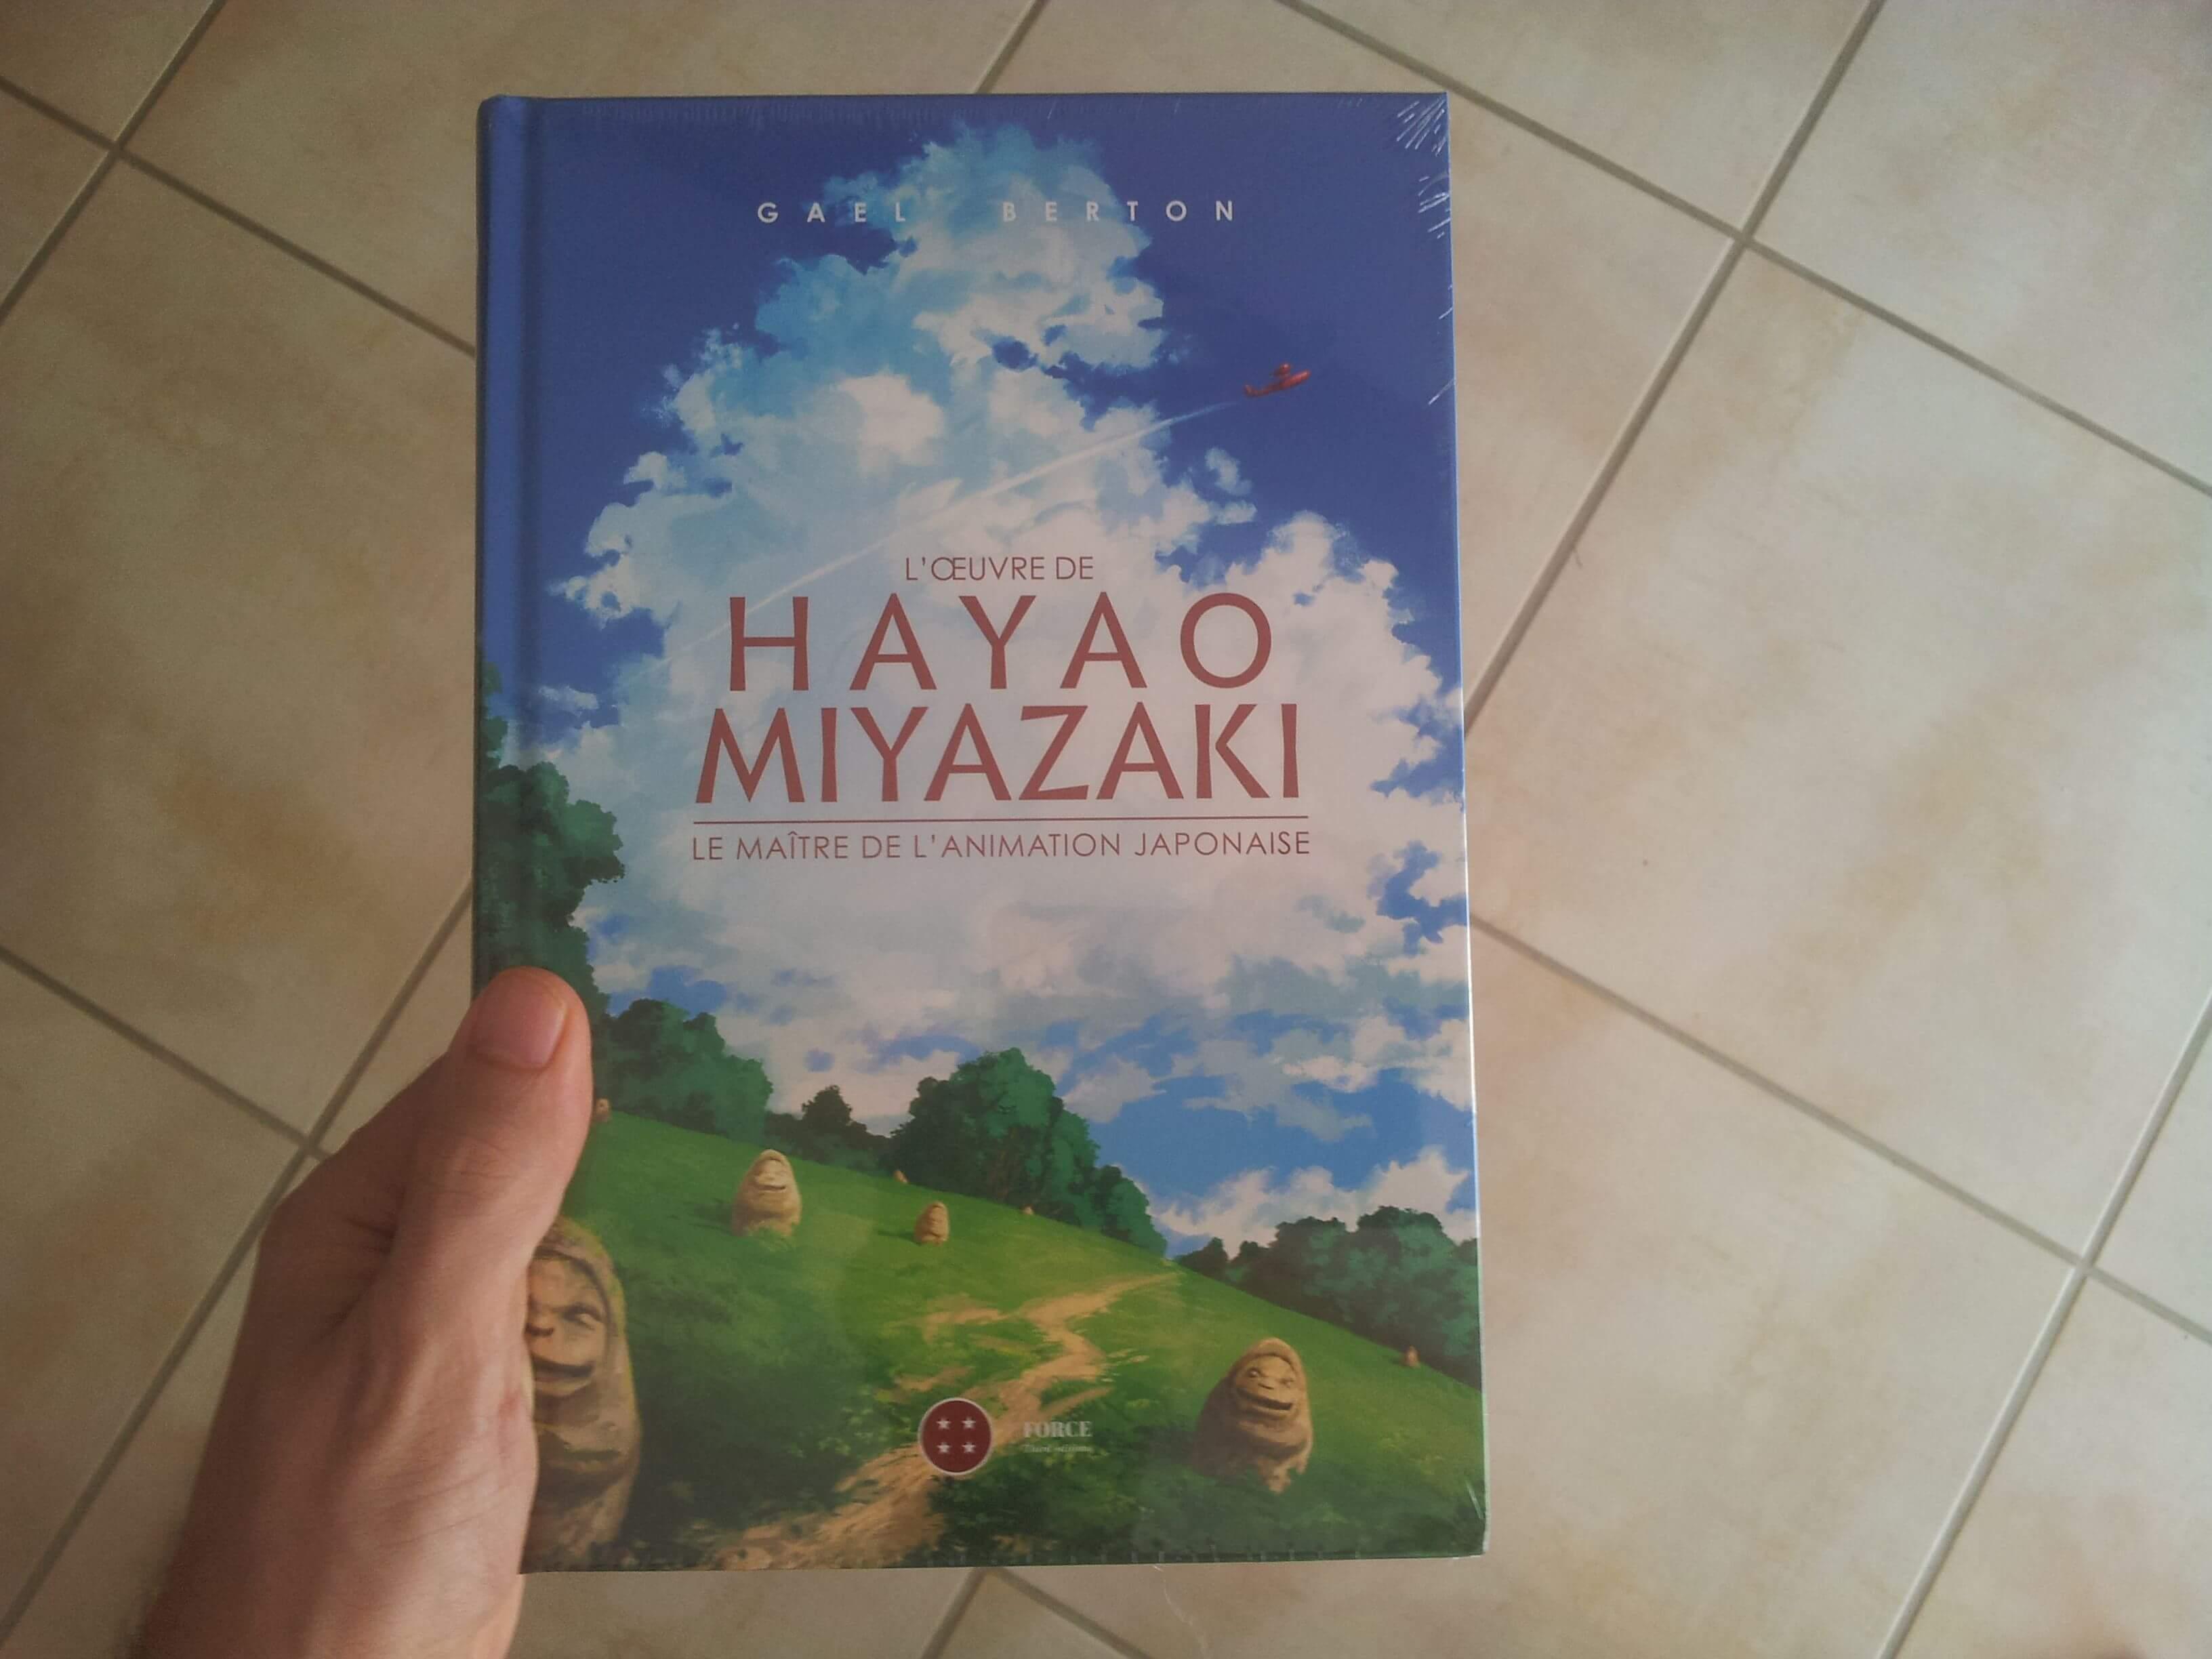 Maitre De L Oeuvre livre : mon avis sur l'œuvre de hayao miyazaki: le maître de